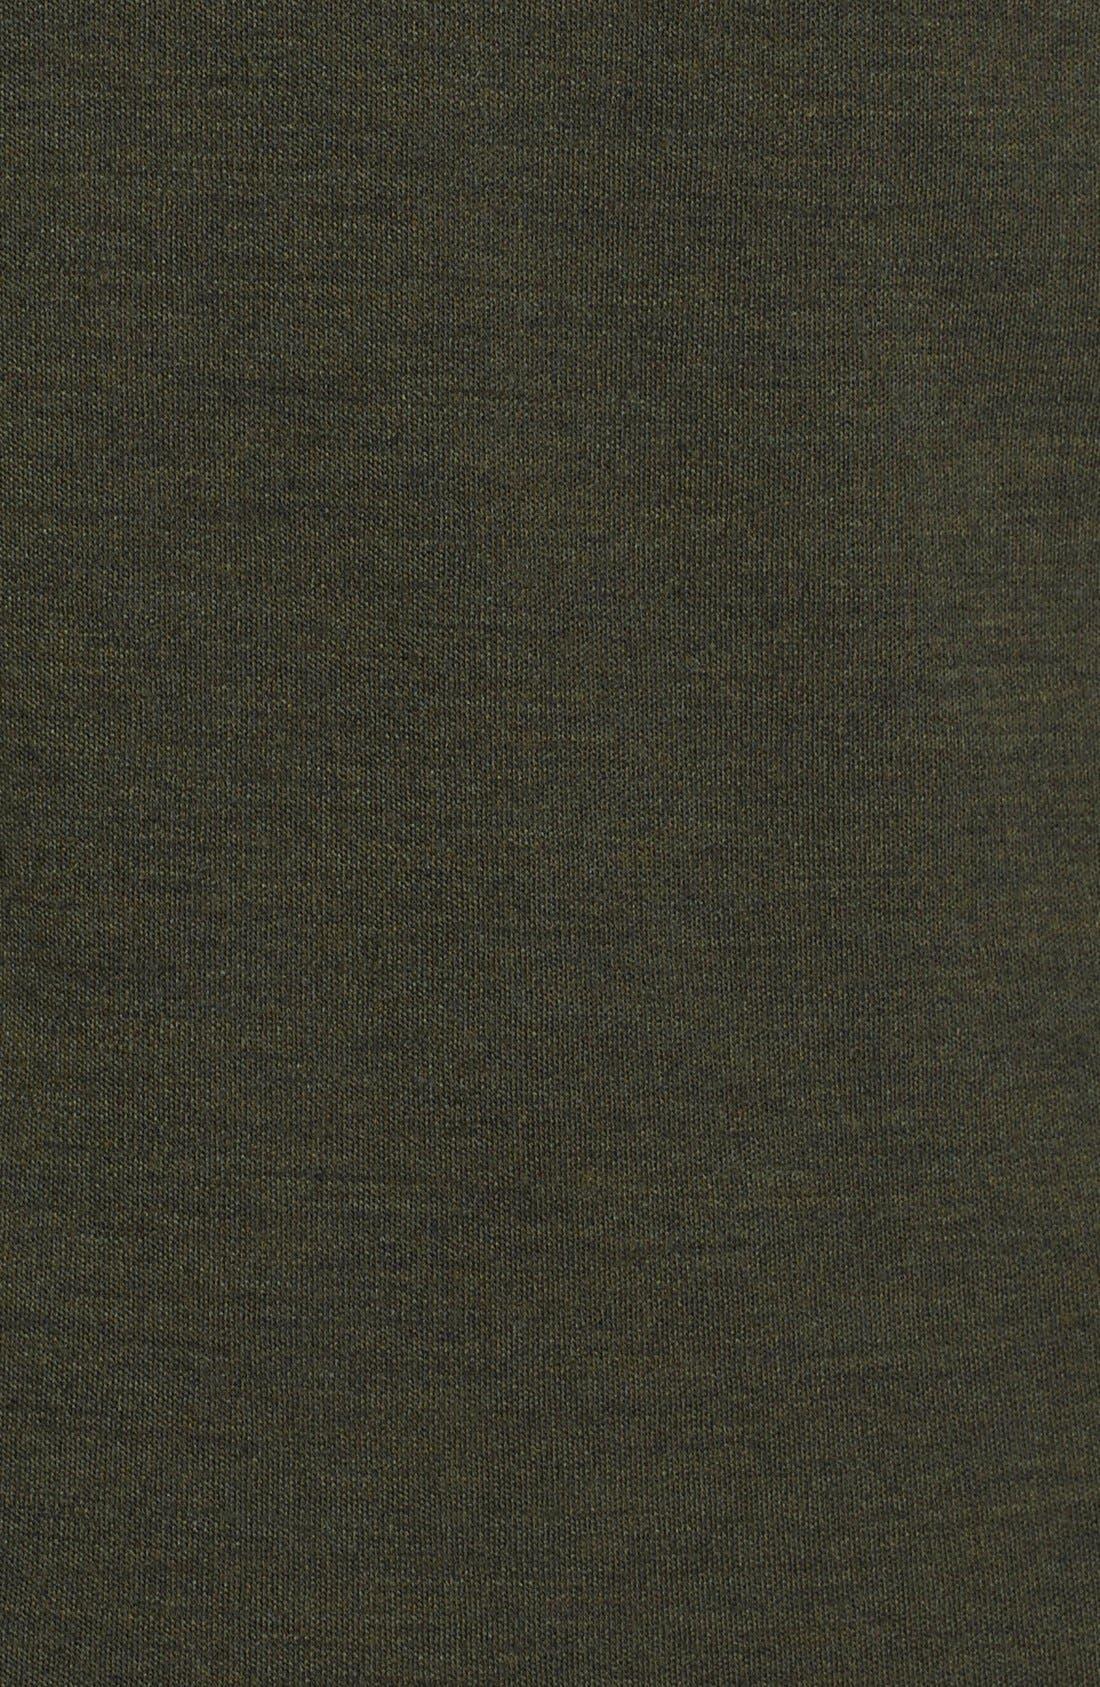 Alternate Image 3  - Smartwool 'Midweight 250' Base Layer Merino Wool Crewneck Shirt